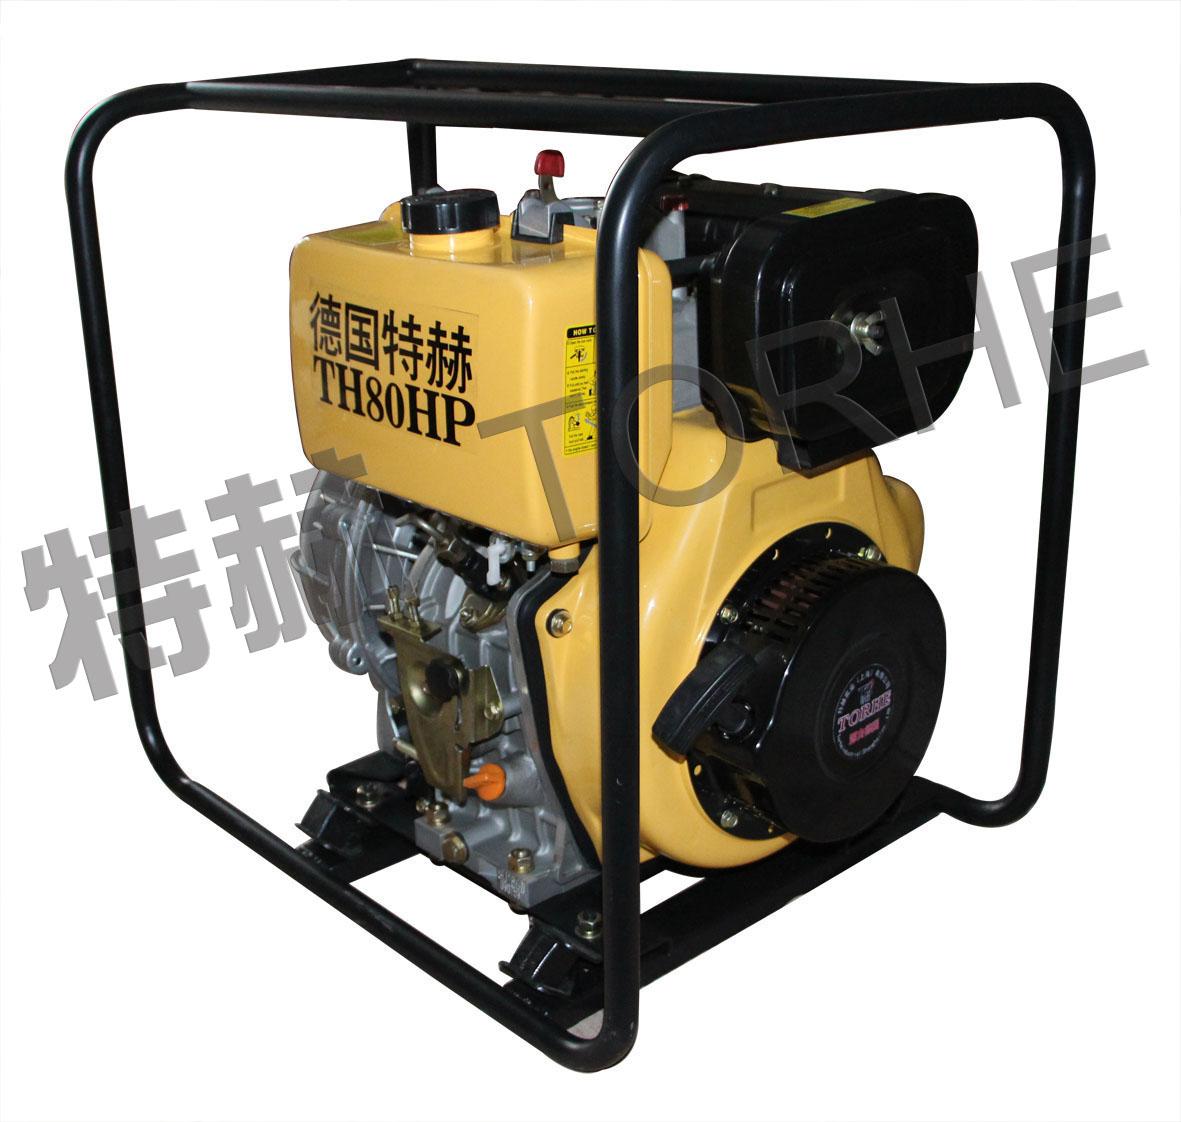 3寸柴油应急高压自吸水泵,70米高扬程柴油抽水机组